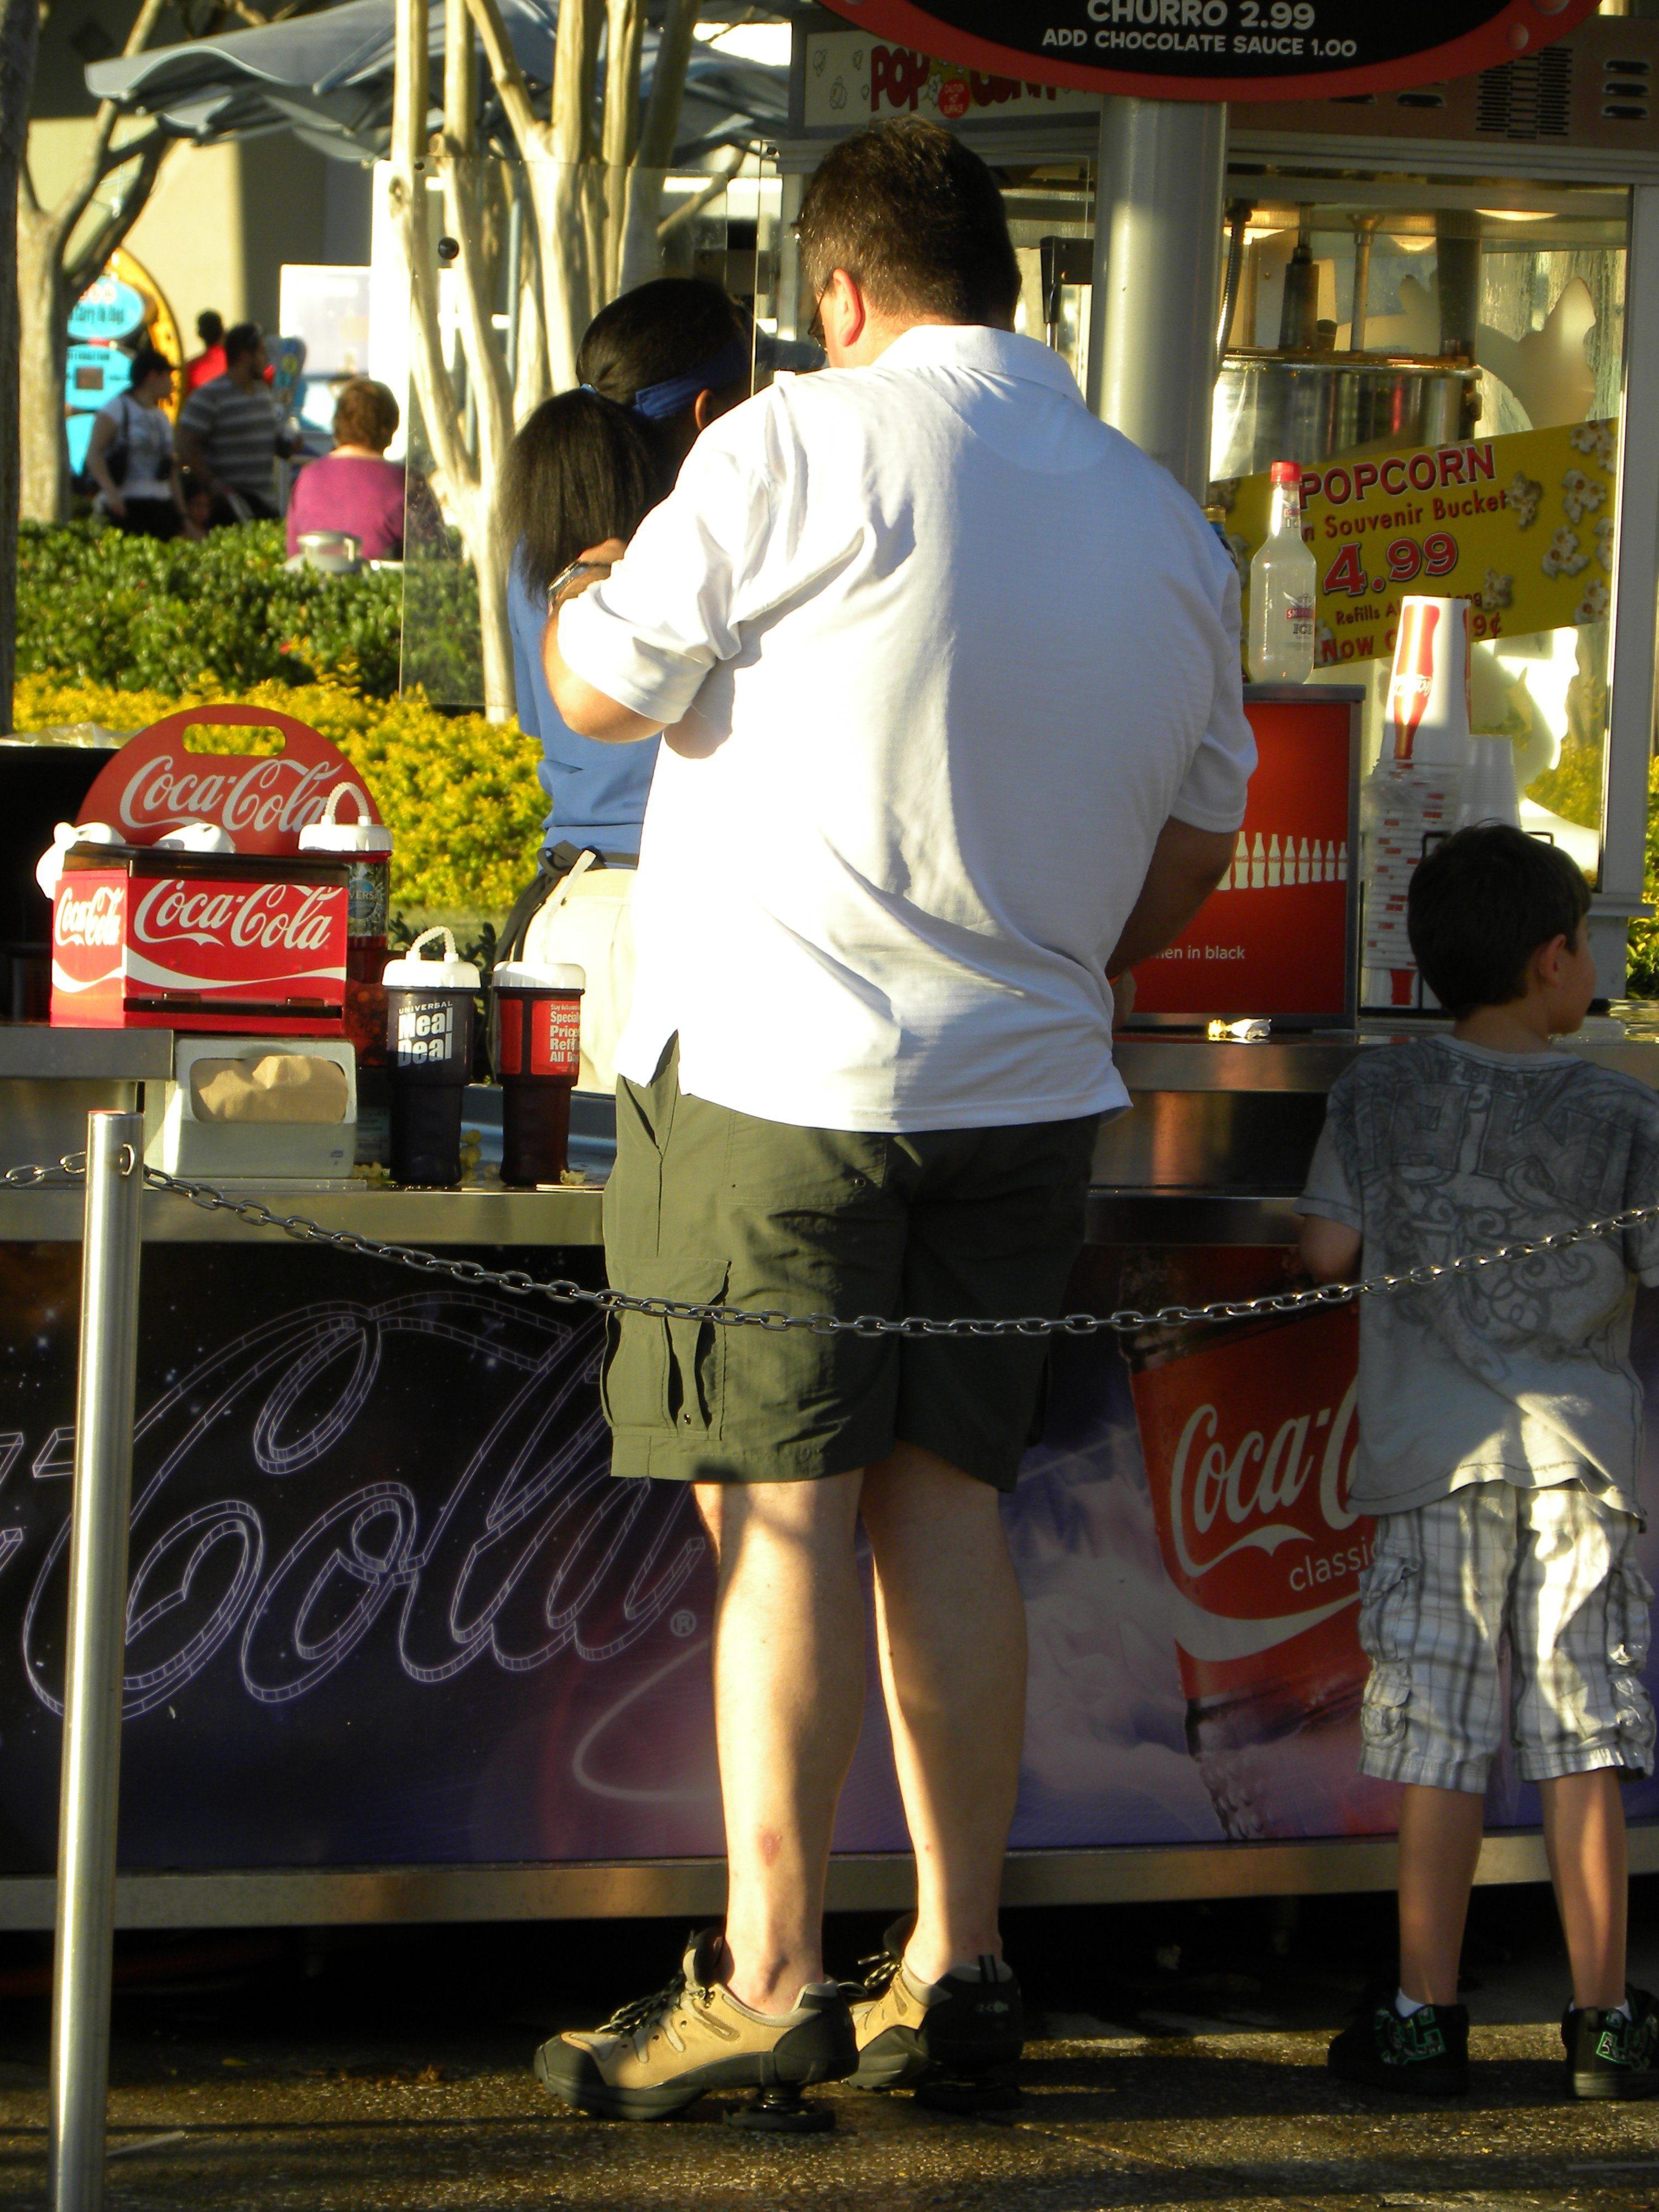 La población mundial con obesidad supera a la que pasa hambre